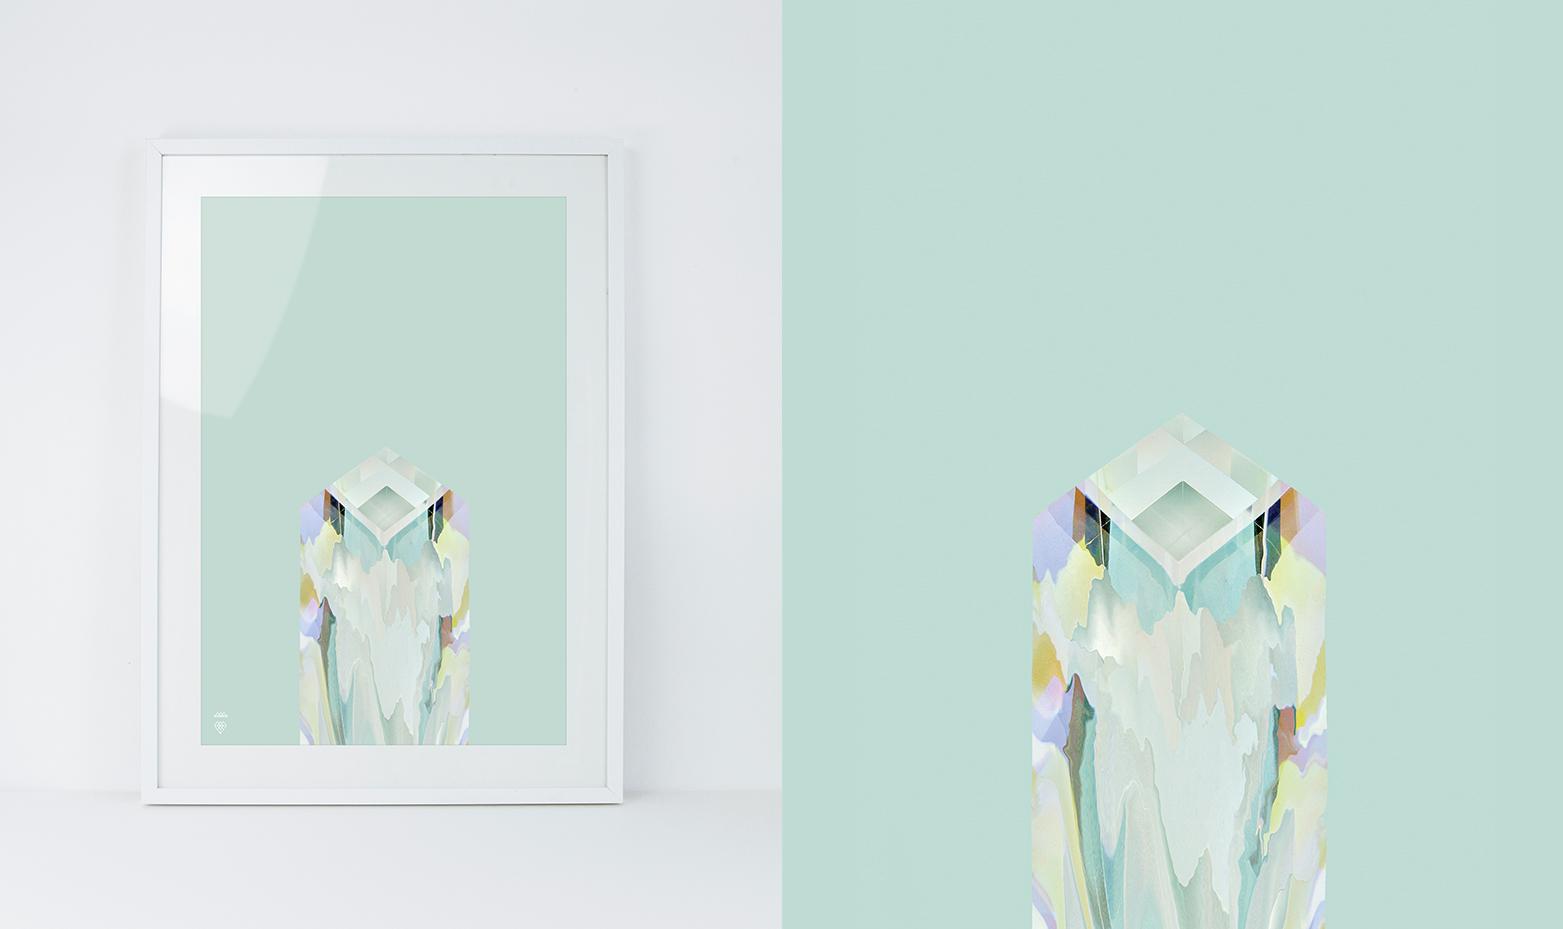 Reflections / Verena Michelitsch & Tobias Van Schneider (3)